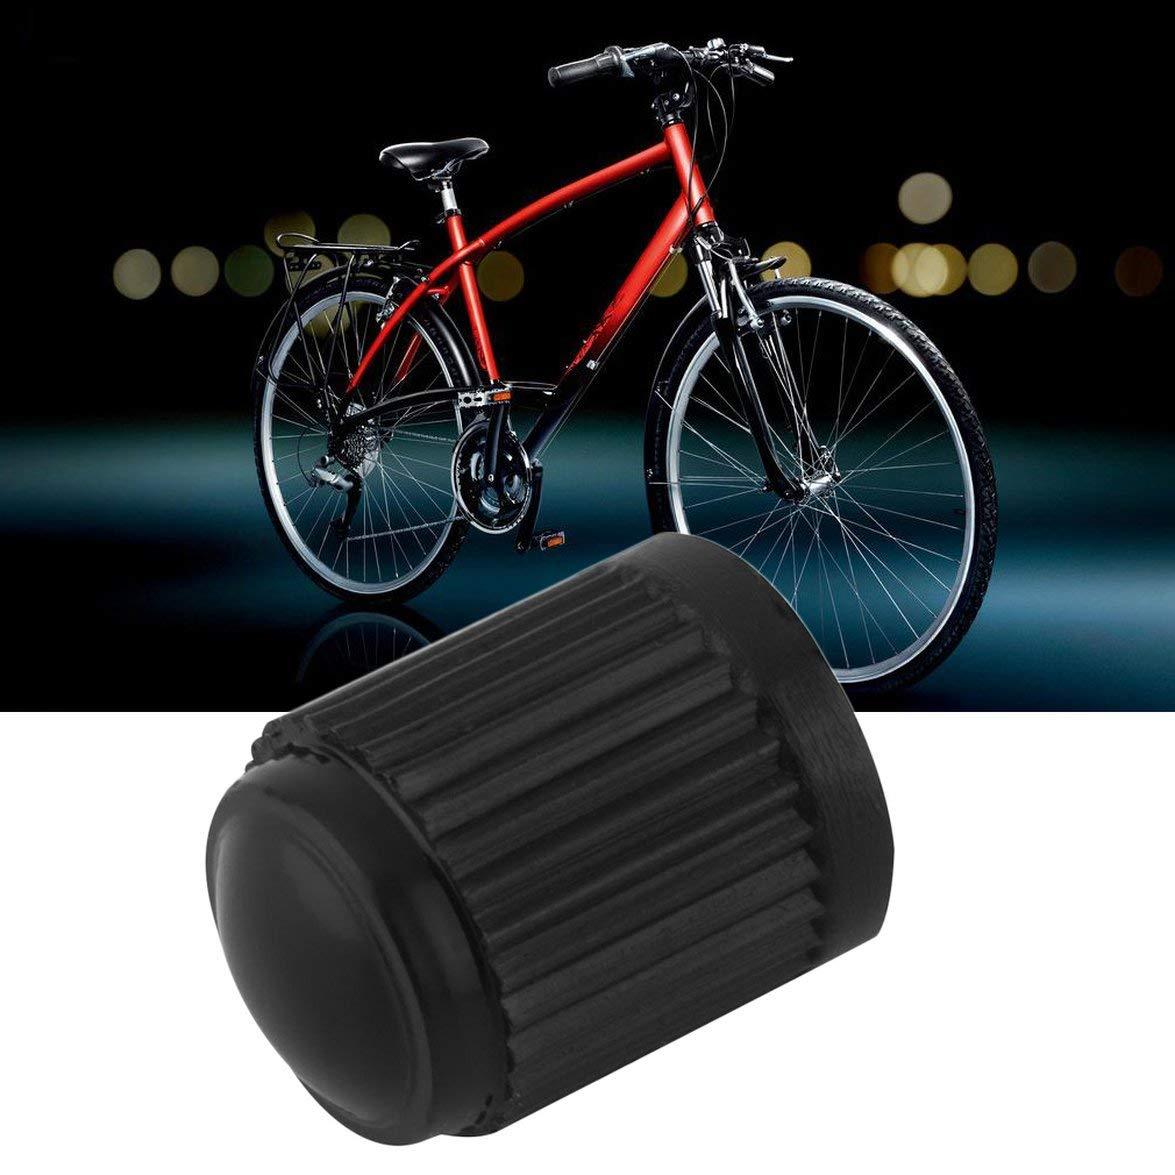 Kongqiabona universale resistente leggero leggero design compatto in plastica nera tappi per pneumatici camion auto moto bicicletta